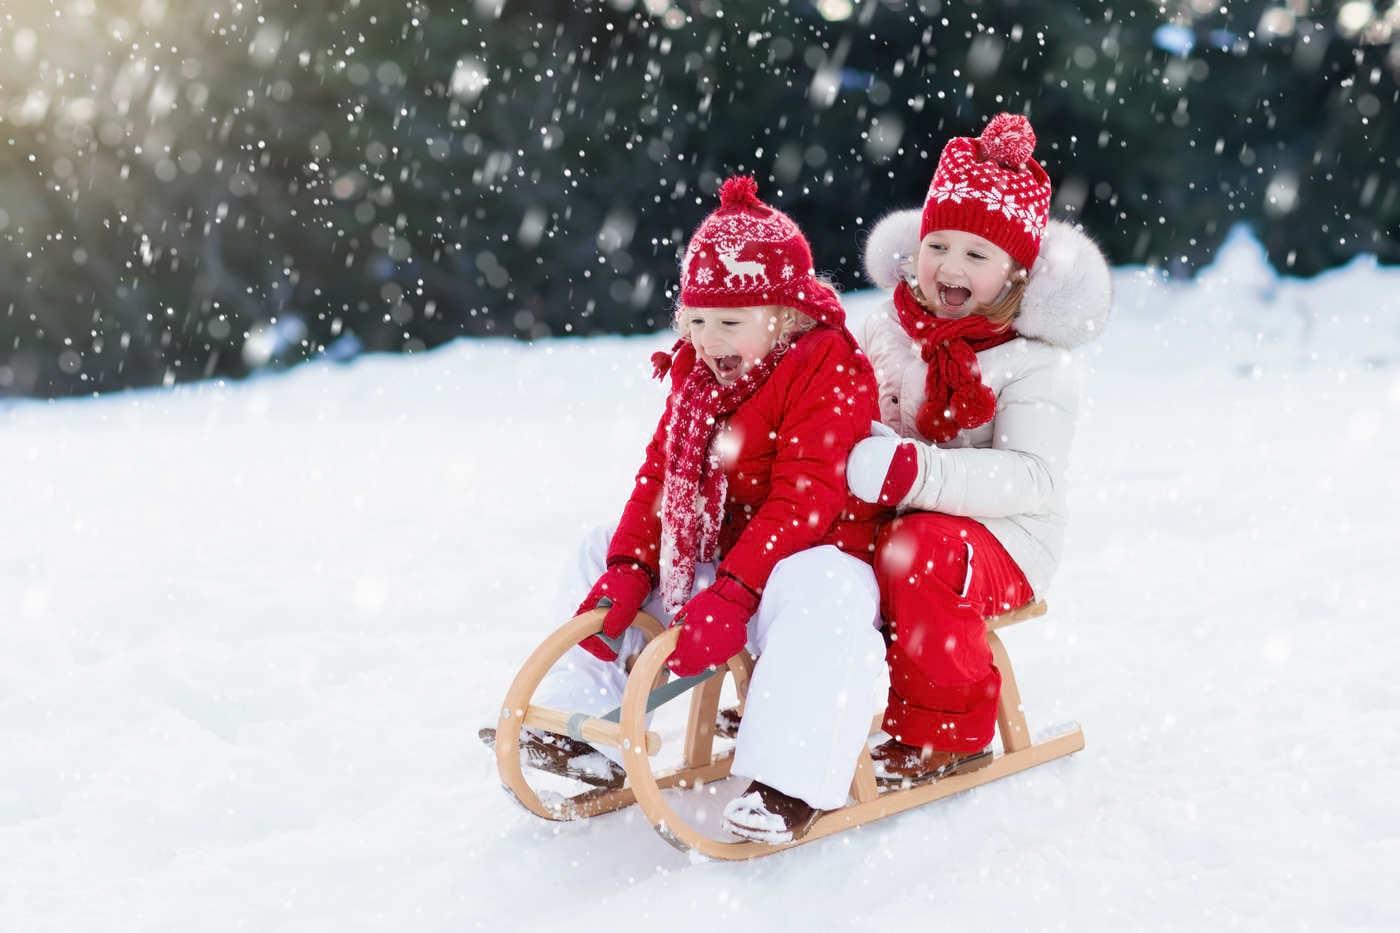 Activităţi pentru întreaga familie pe timp de iarnă